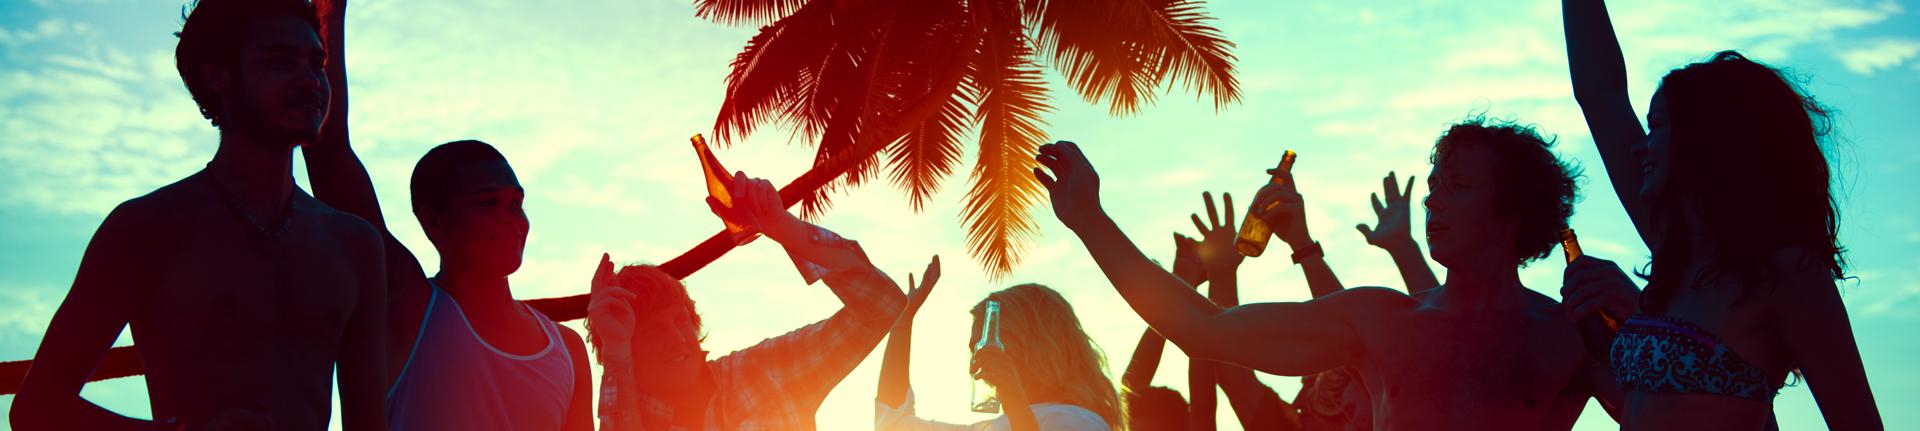 Verão, festas, calores e cuidados